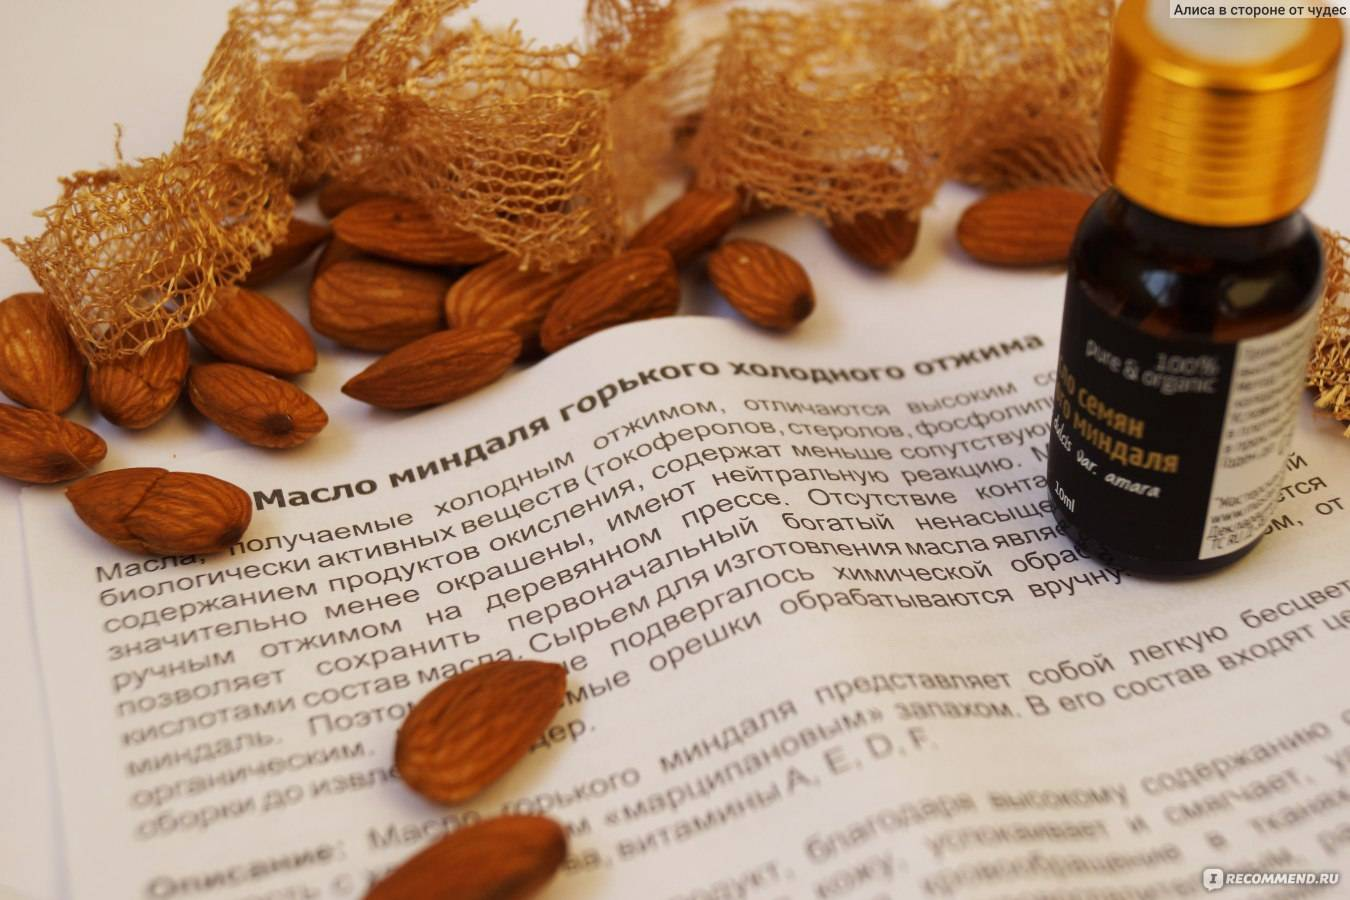 Масло миндаля для лица: применение в косметике и польза для кожи